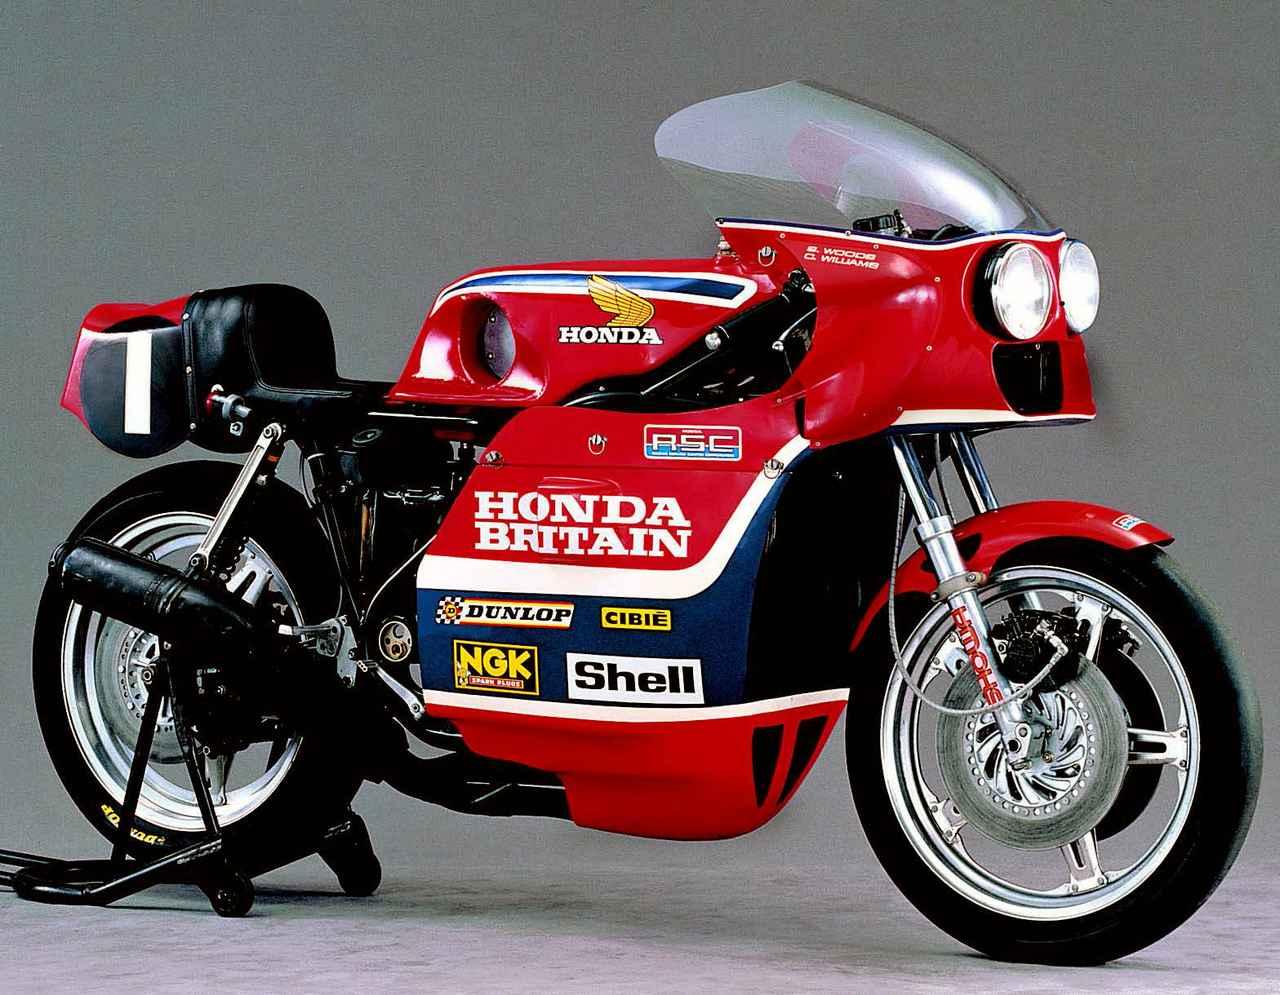 画像: 1977年のヨーロッパ耐久選手権でもRCBは連戦連勝。C・レオン/J・C・シュマランがタイトルを獲得、ボルドール24時間では1~7位までをRCBが独占。メディアは無敵艦隊と呼ぶようになる。